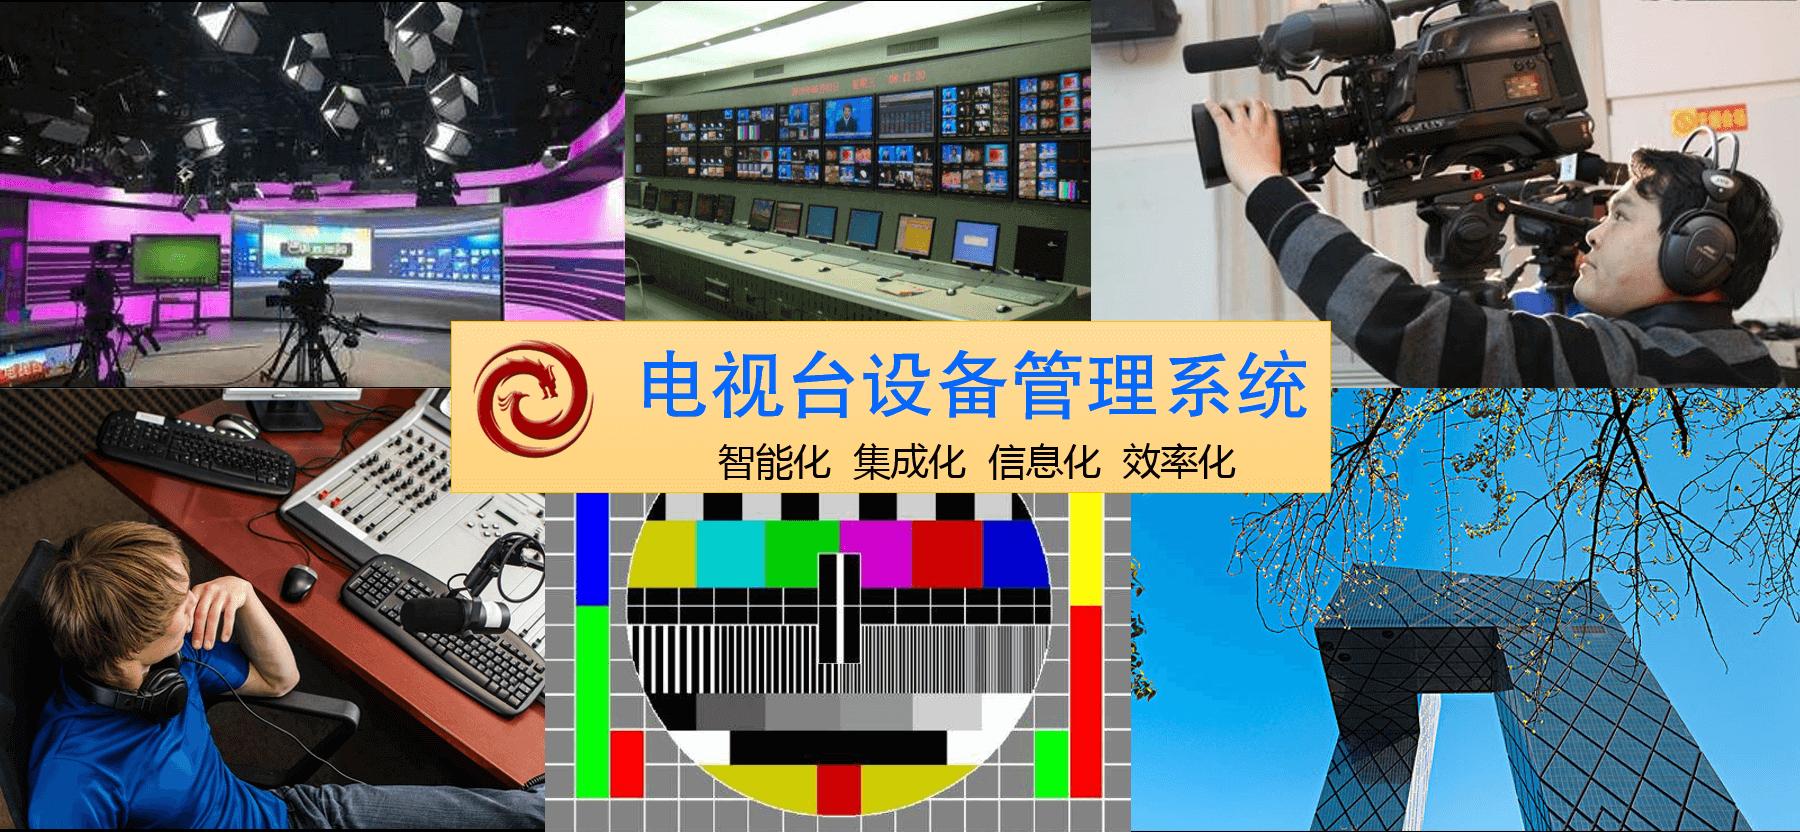 电视台设备管理系统应用